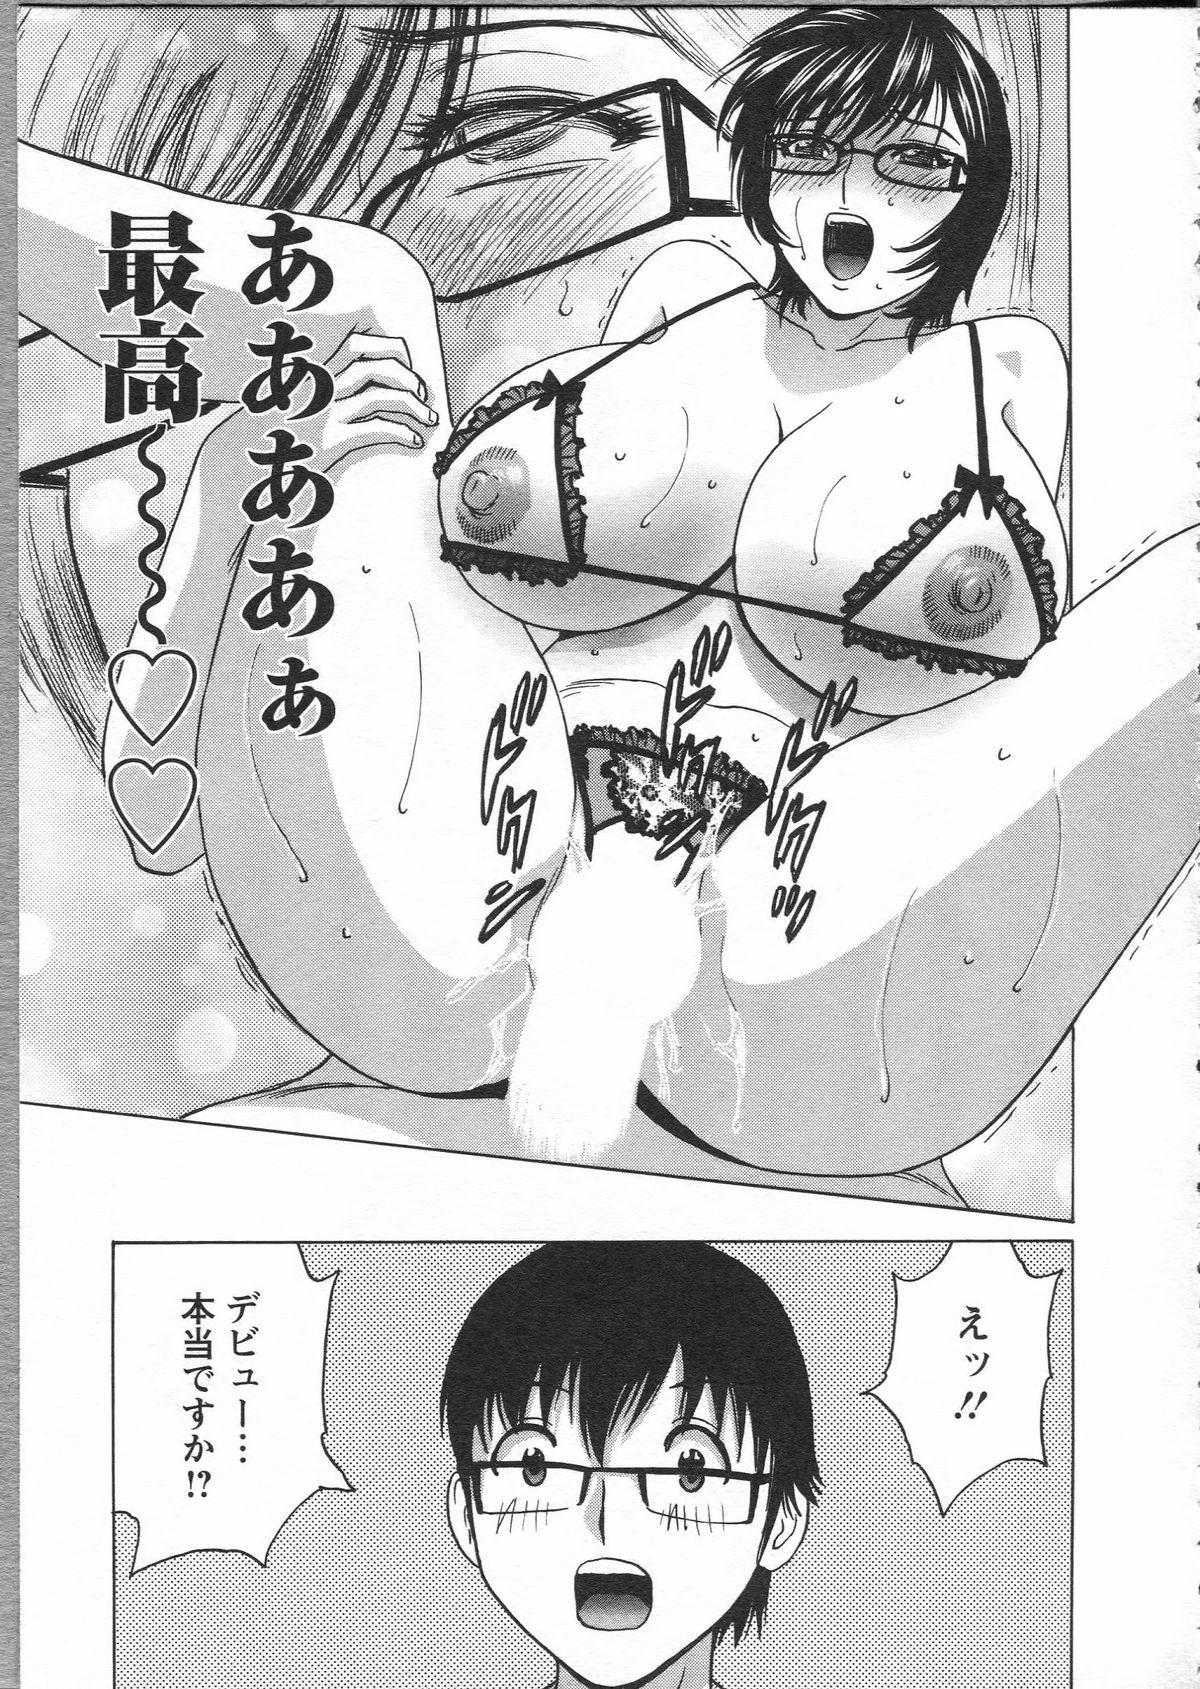 Manga no youna Hitozuma to no Hibi - Days with Married Women such as Comics. 168